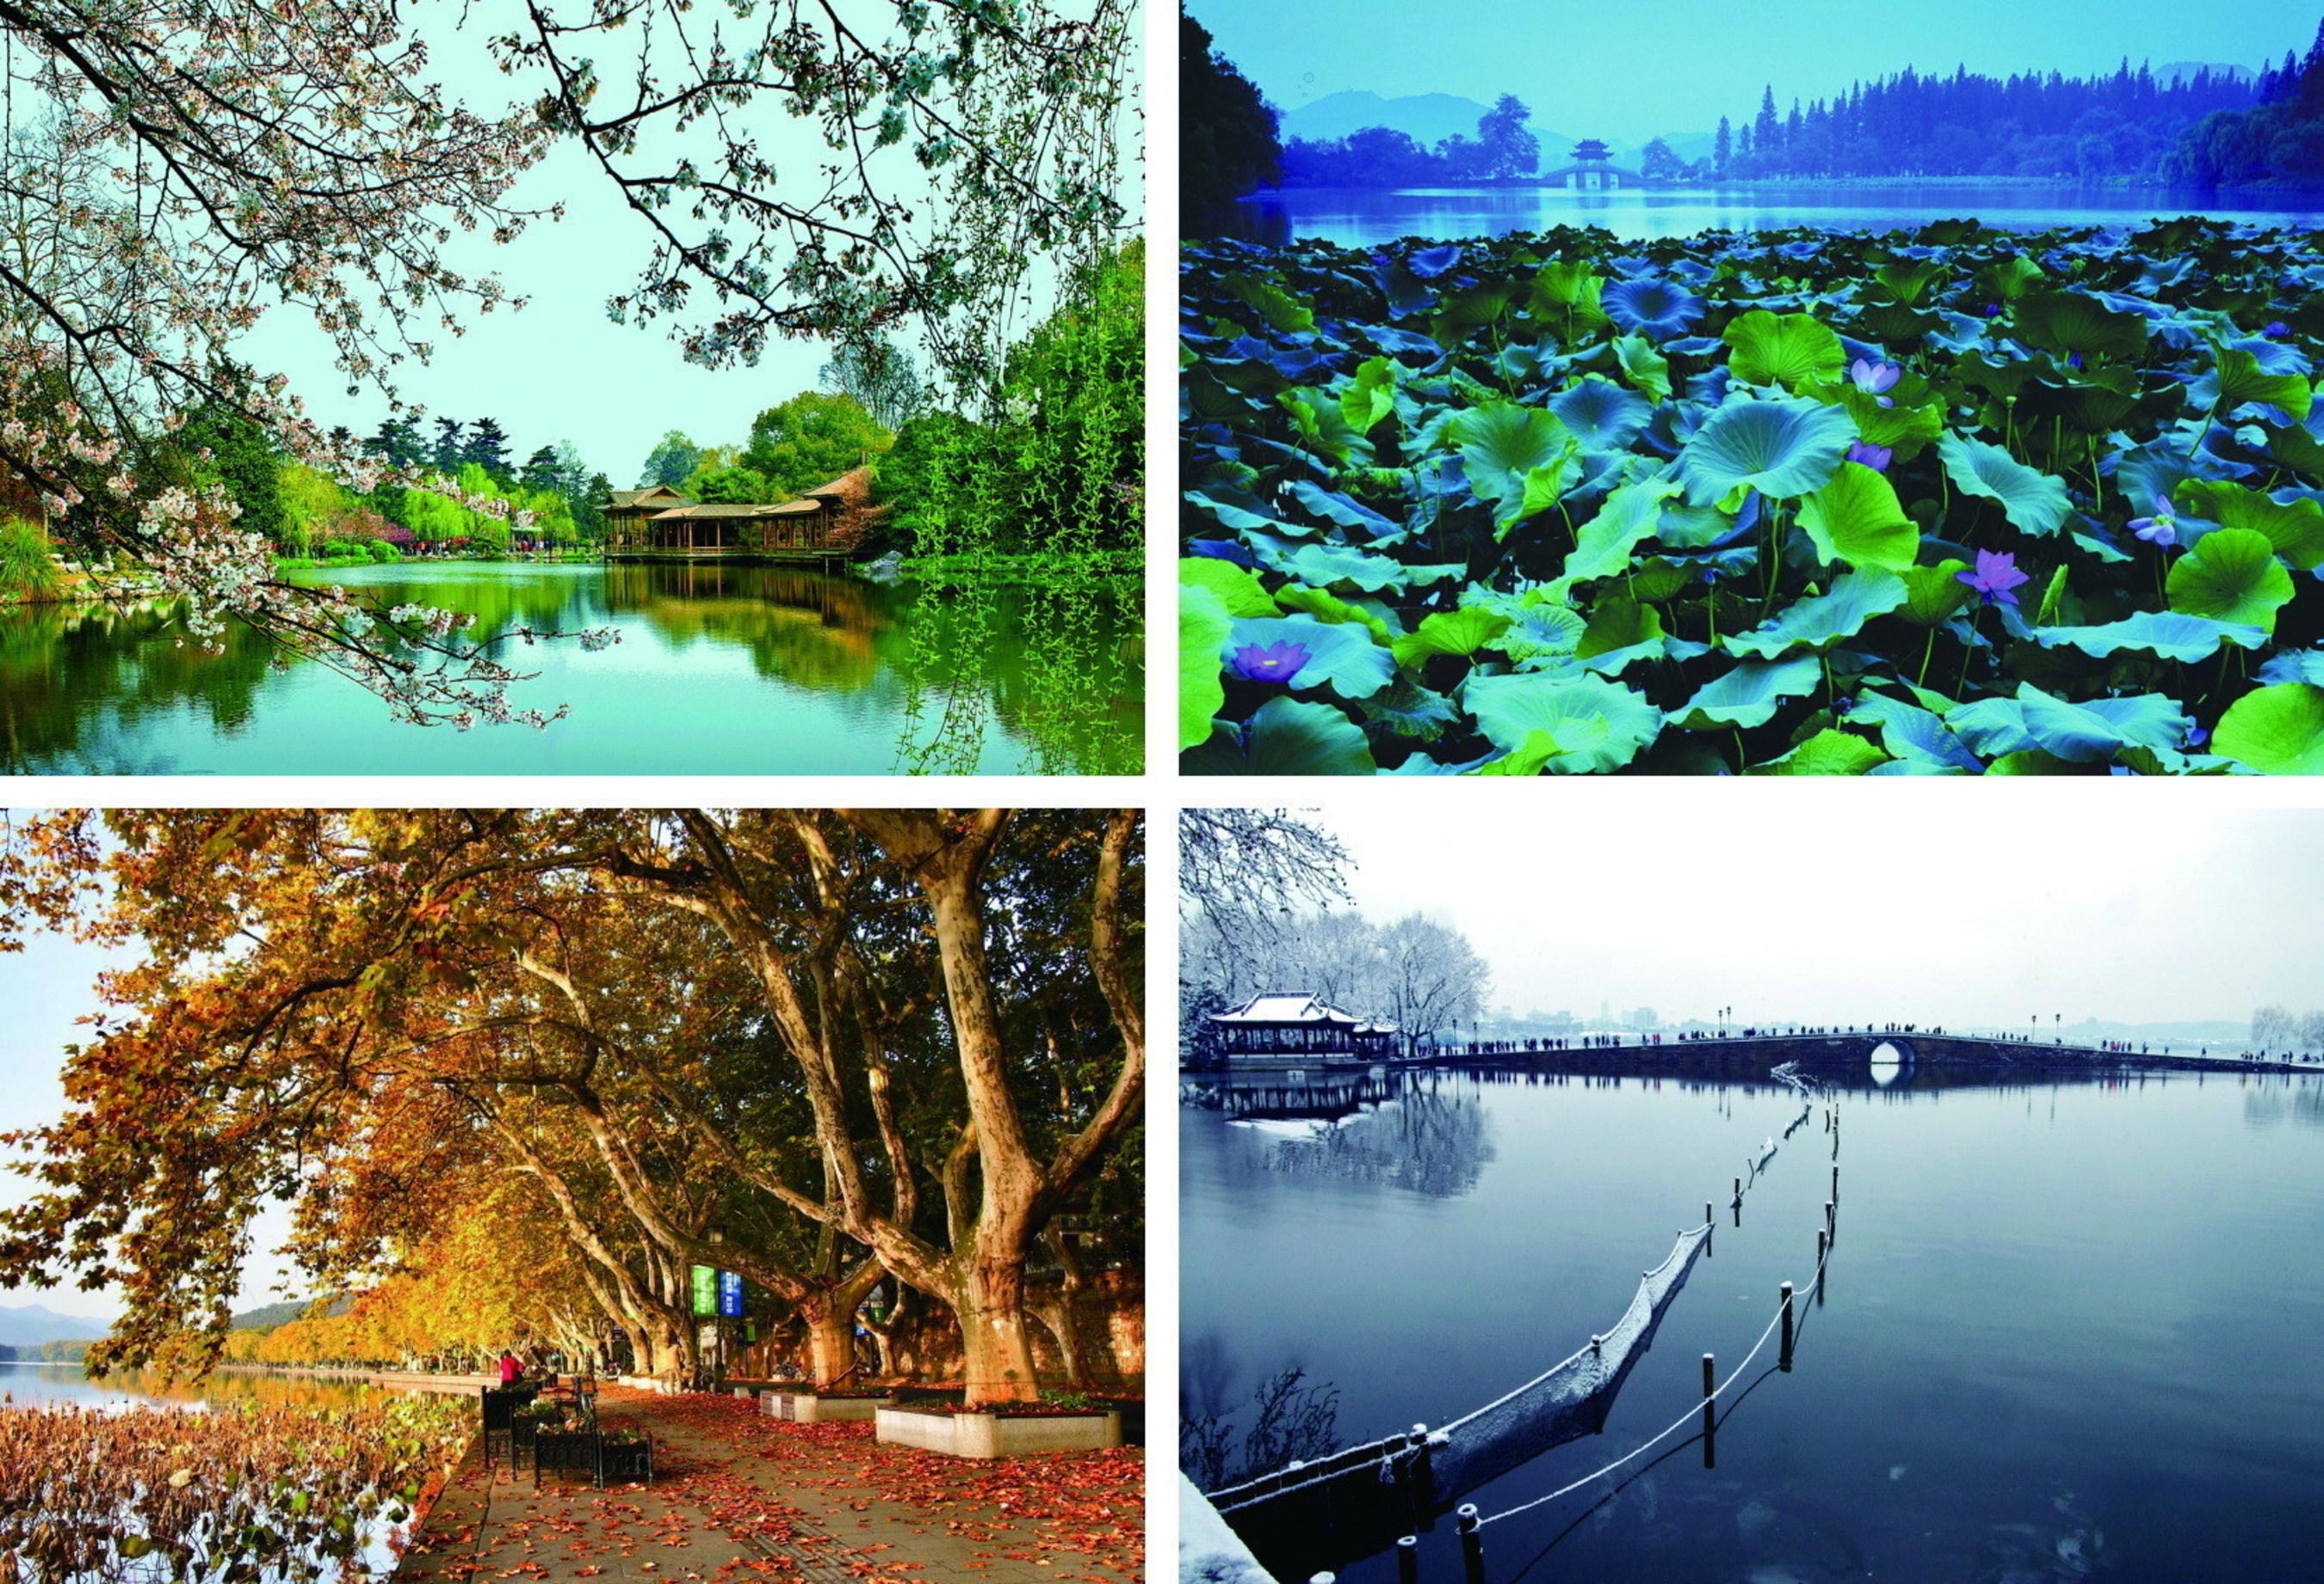 Desetileté zelené projekty činí Zhejiang krásnějším